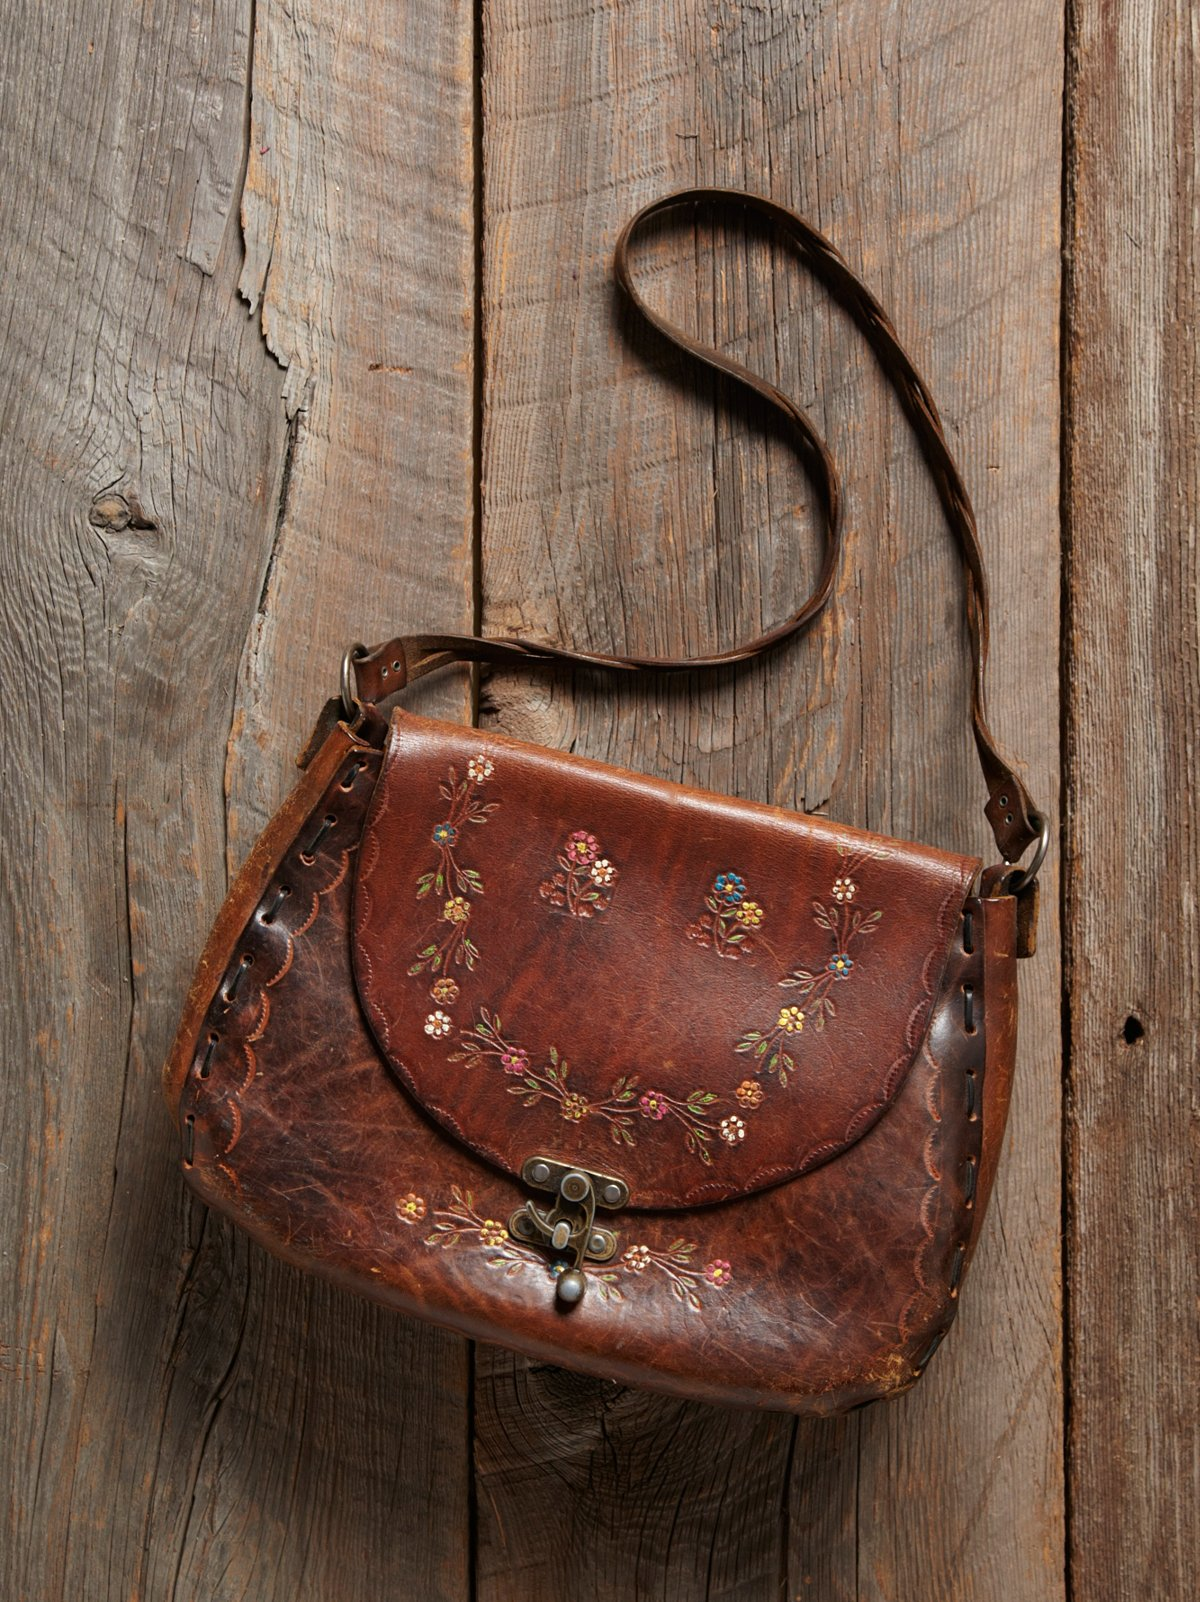 Vintage Tooled Floral Leather Bag